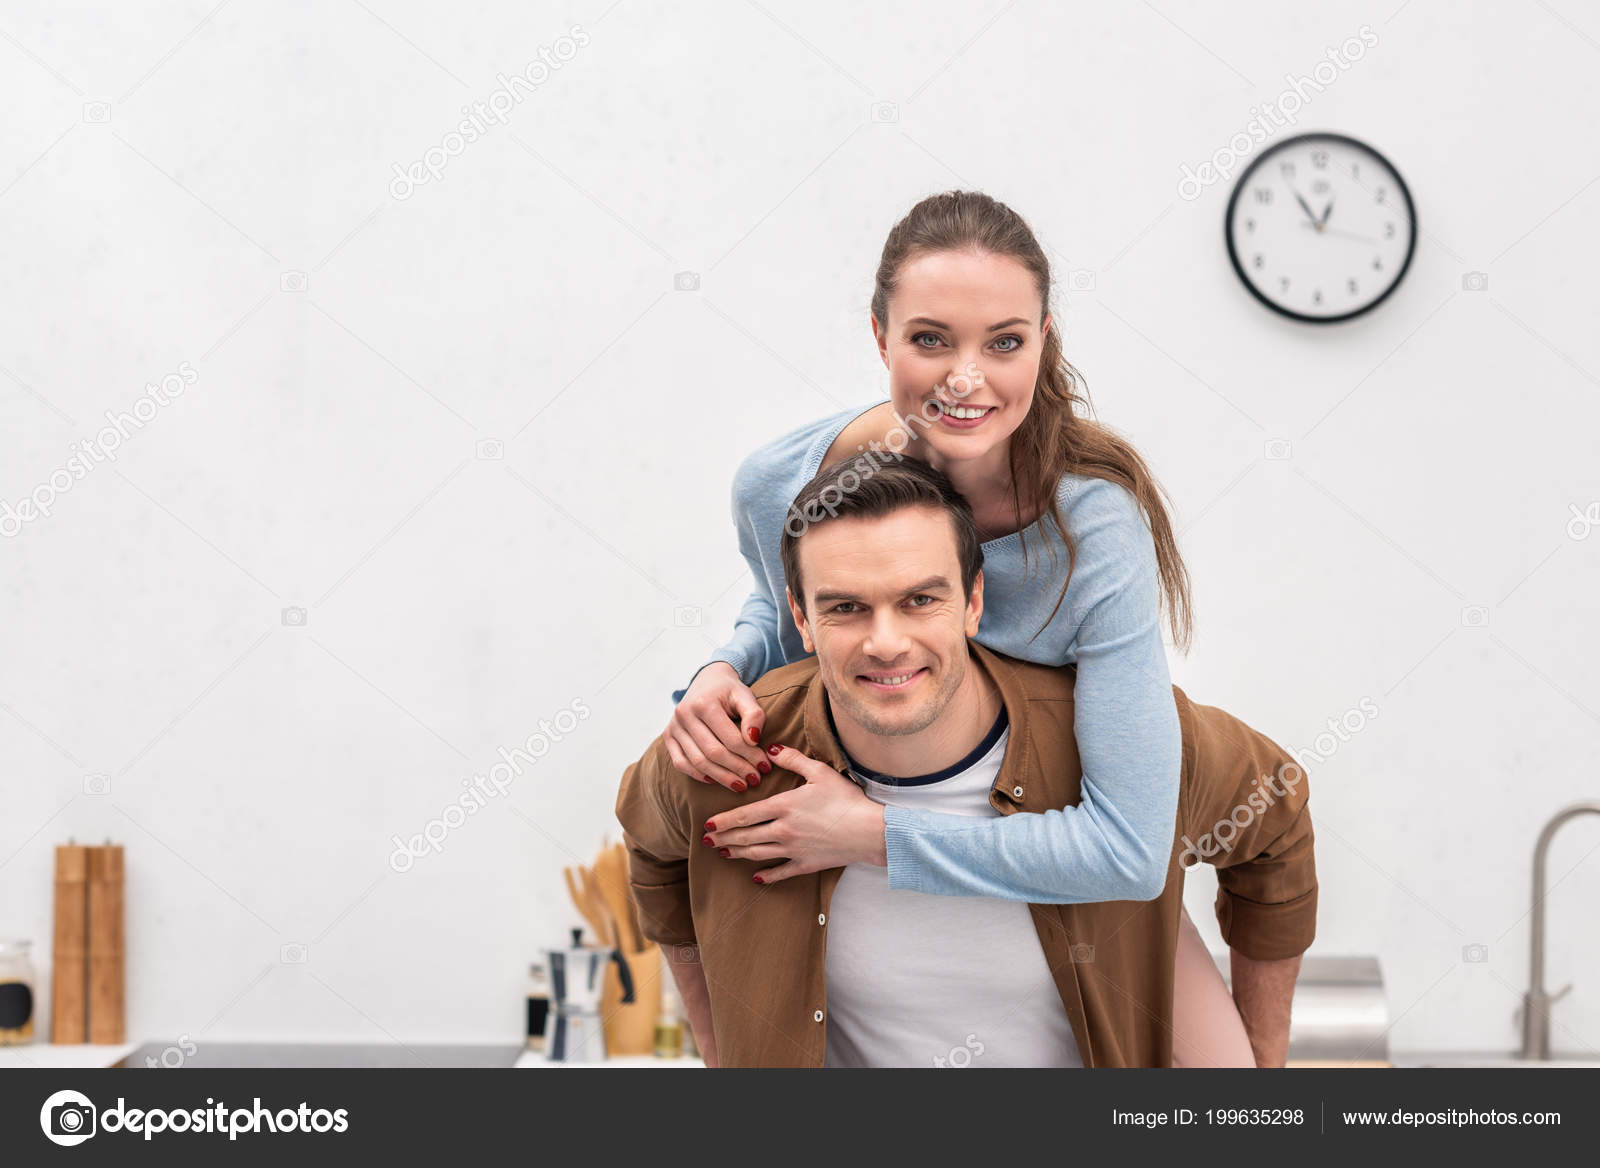 Дома на камеру жена и муж